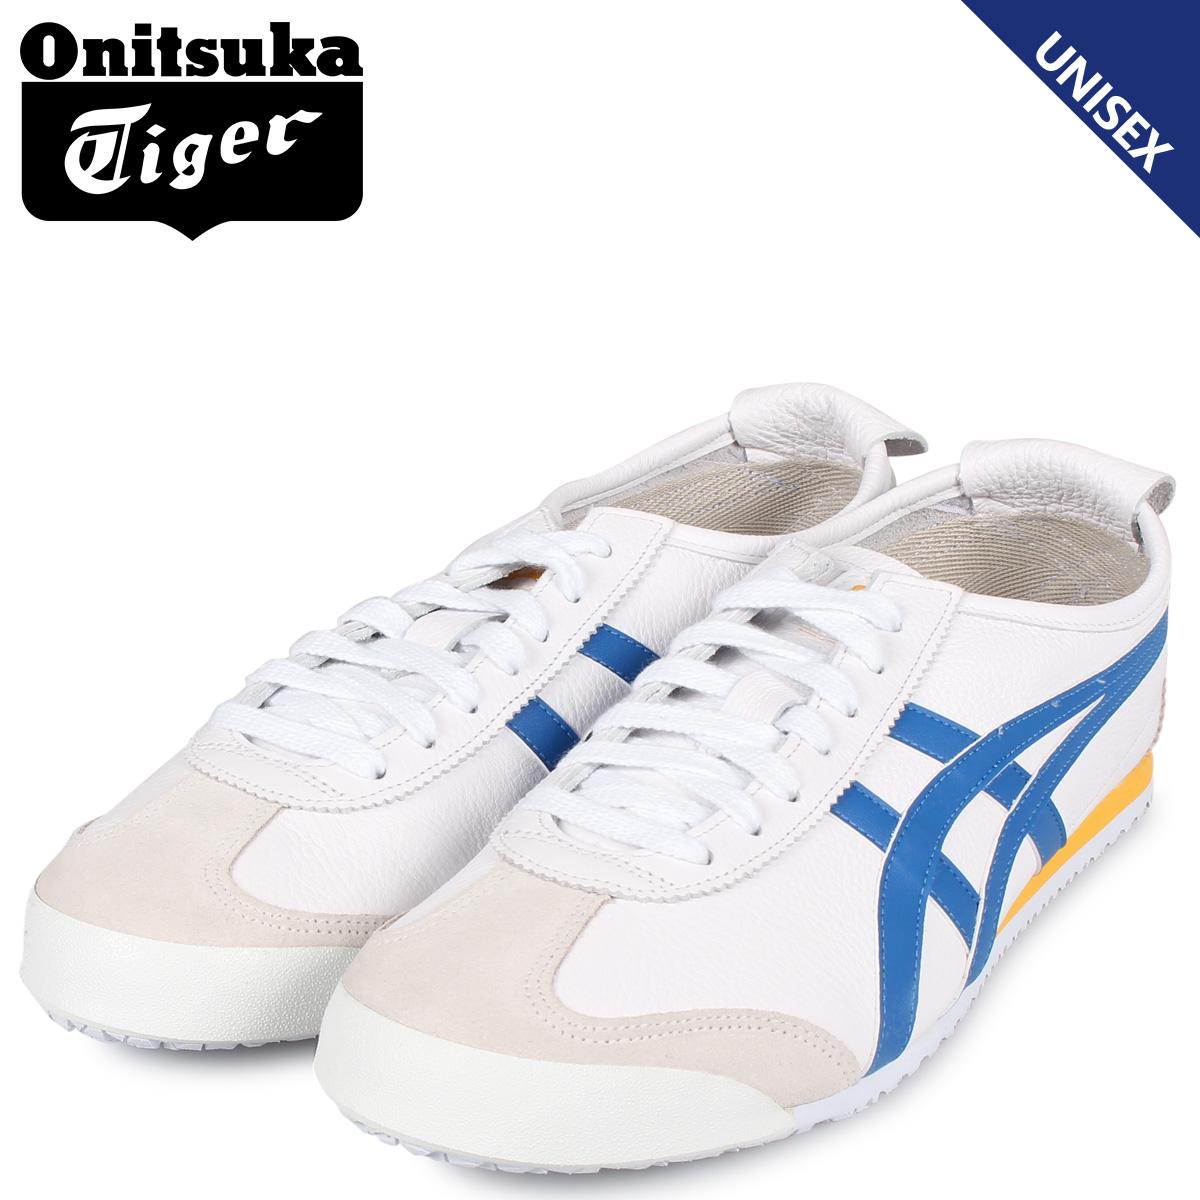 Onitsuka Tiger オニツカタイガー メキシコ 66 スニーカー メンズ レディース MEXICO 66 ホワイト 白 1183A201-100